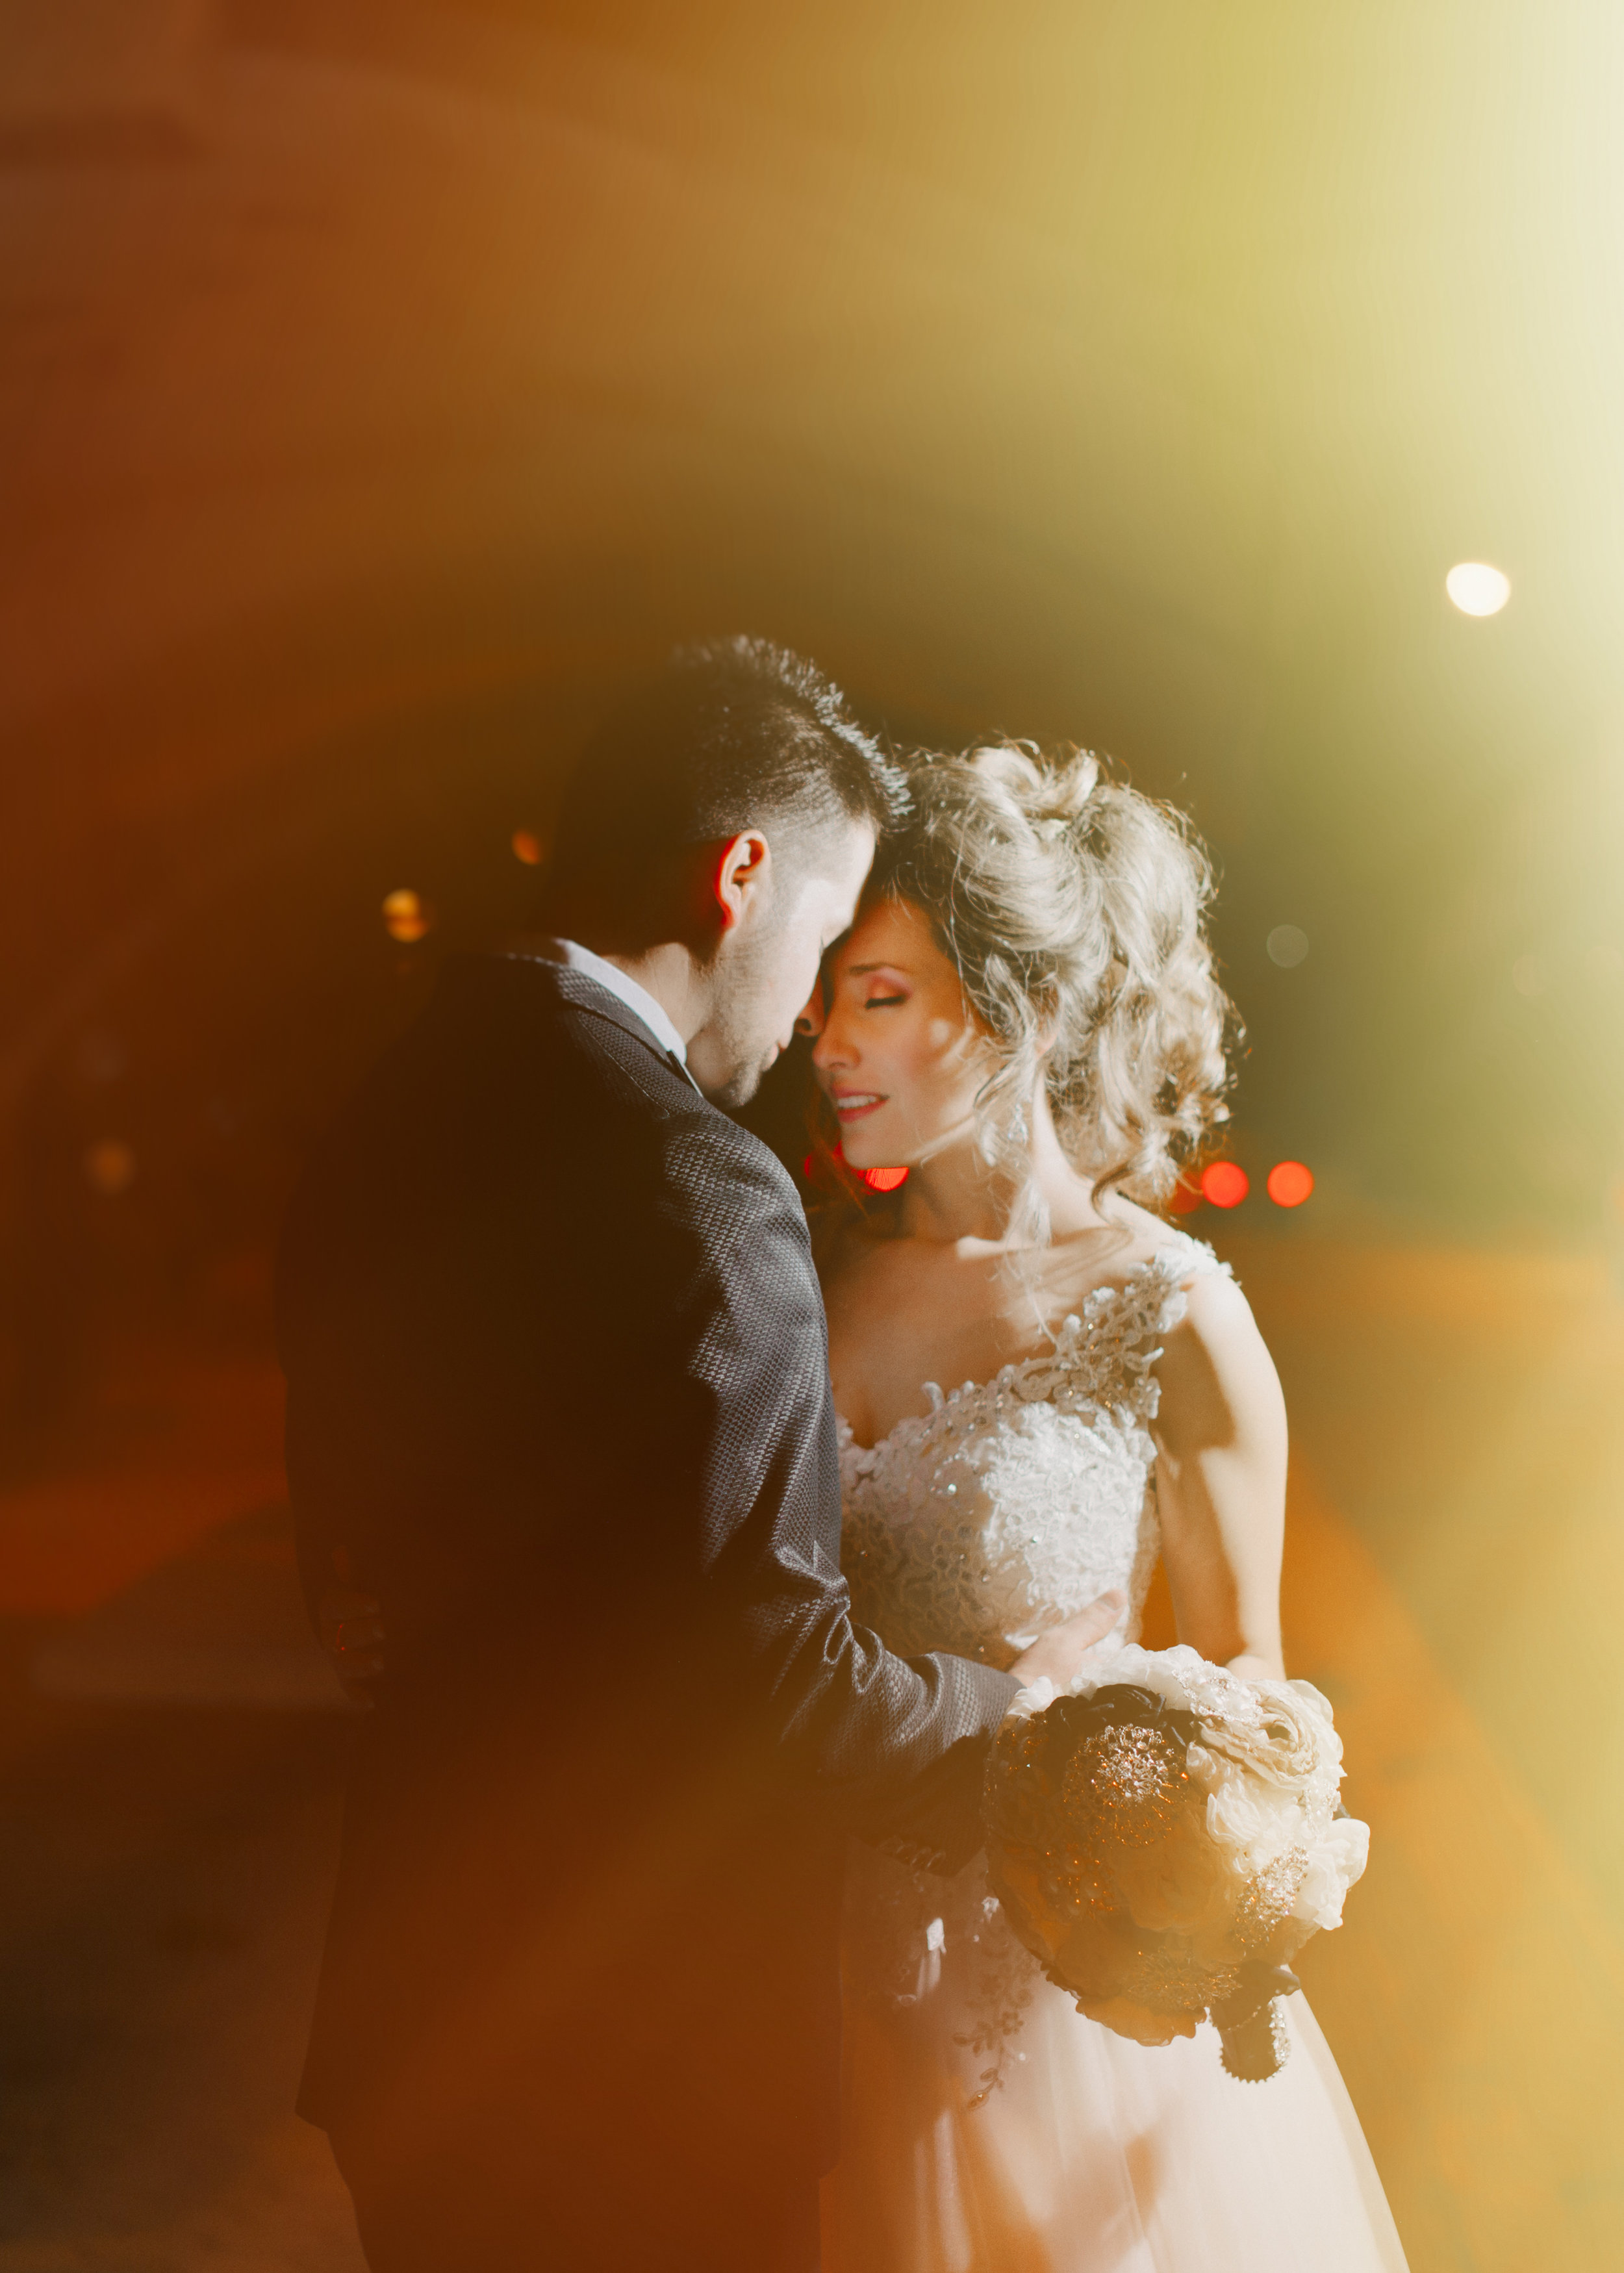 marzo photography - fotografos boda peru - mm.jpg